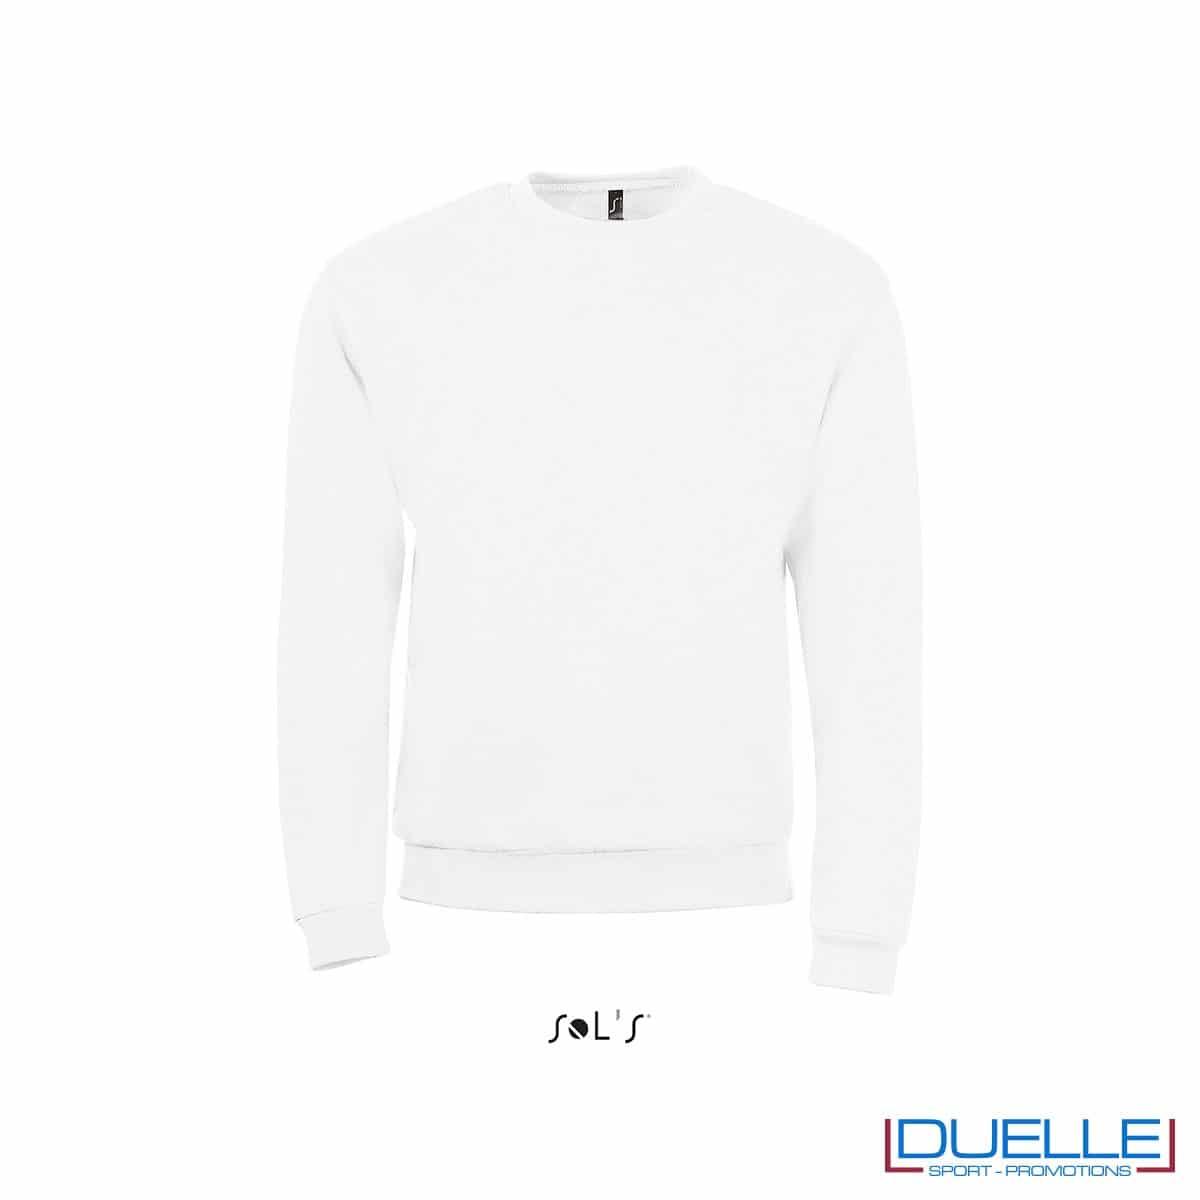 felpa personalizzata con girocollo in colore bianco, felpe personalizzate, abbigliamento promozionale personalizzato